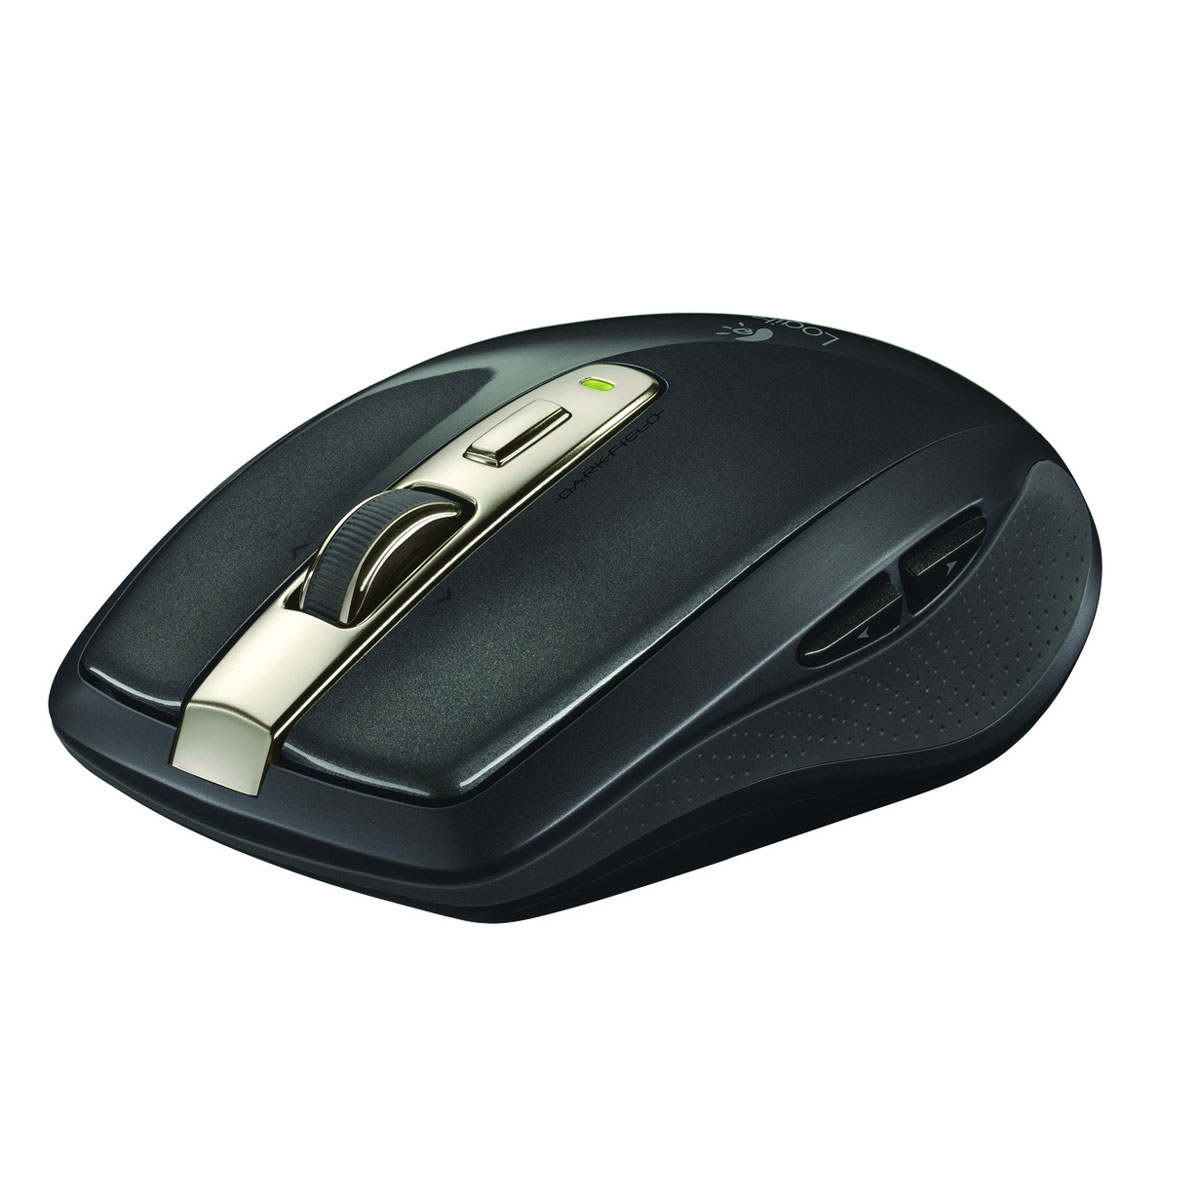 Souris PC Logitech Anywhere Mouse MX Refresh Souris optique sans fil toutes surfaces